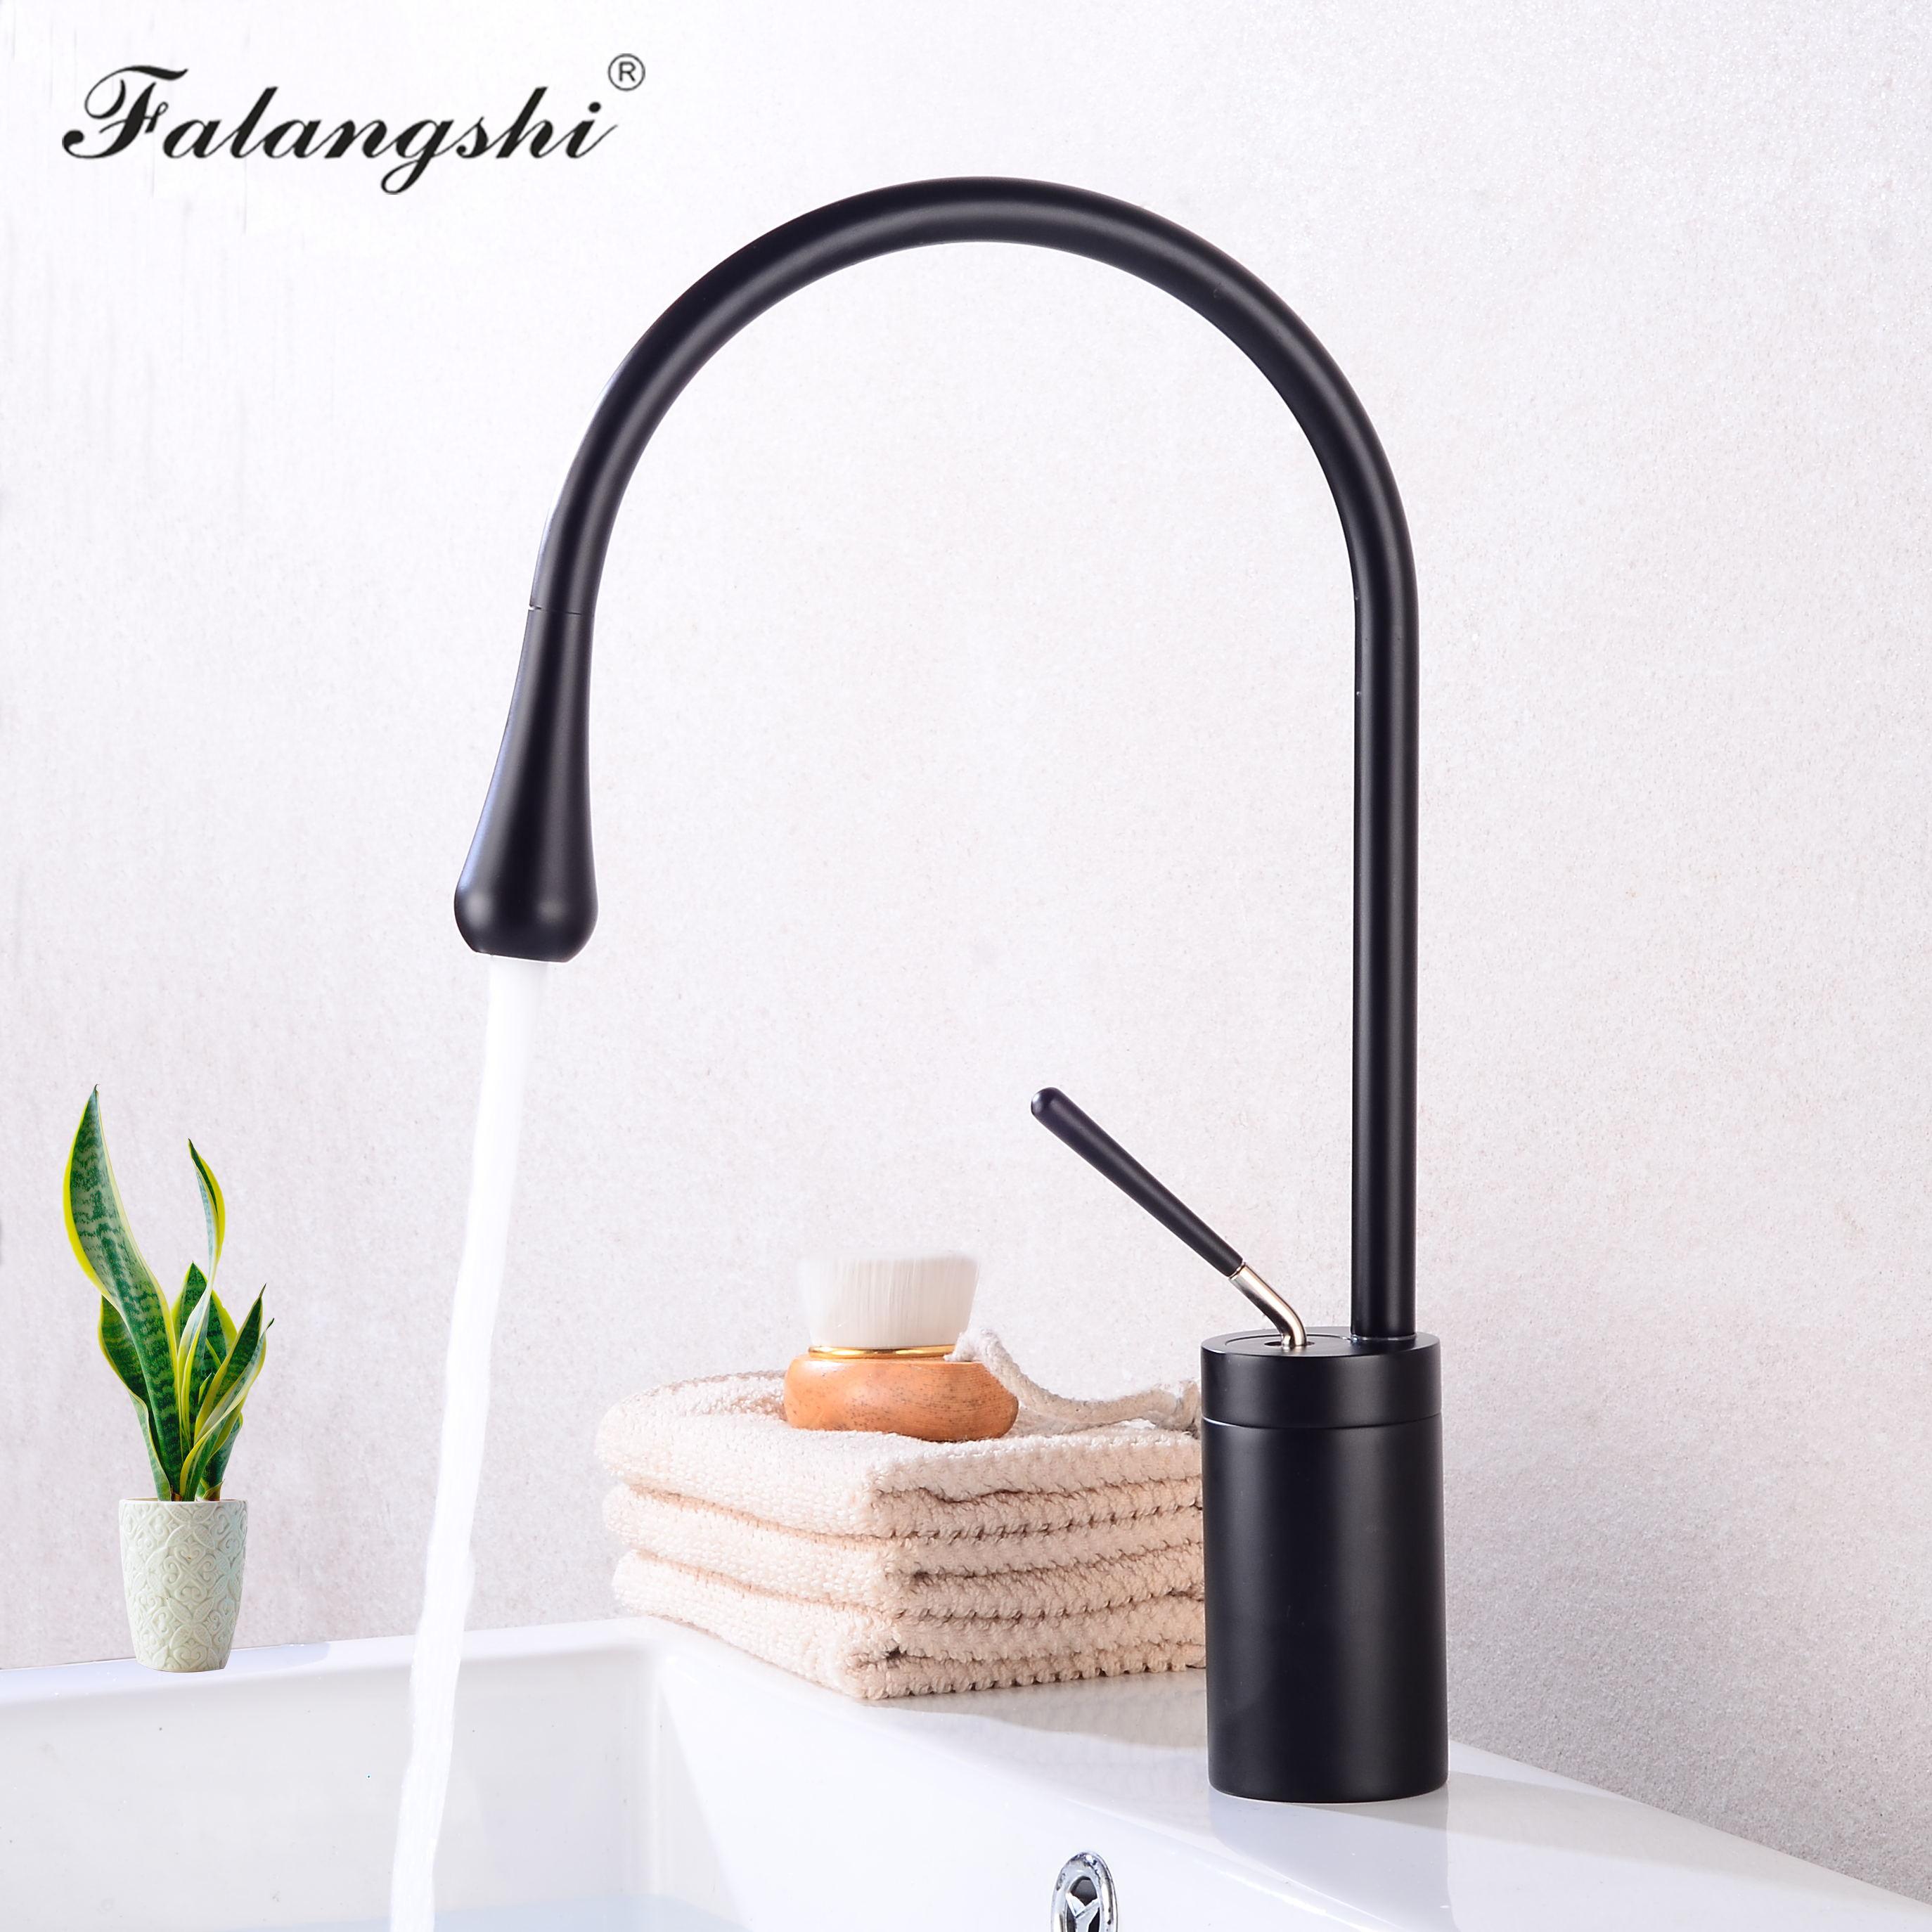 Смесители для раковины, черный смеситель для ванной комнаты, Высококачественный поворотный на 360 градусов смеситель для раковины, смесител...